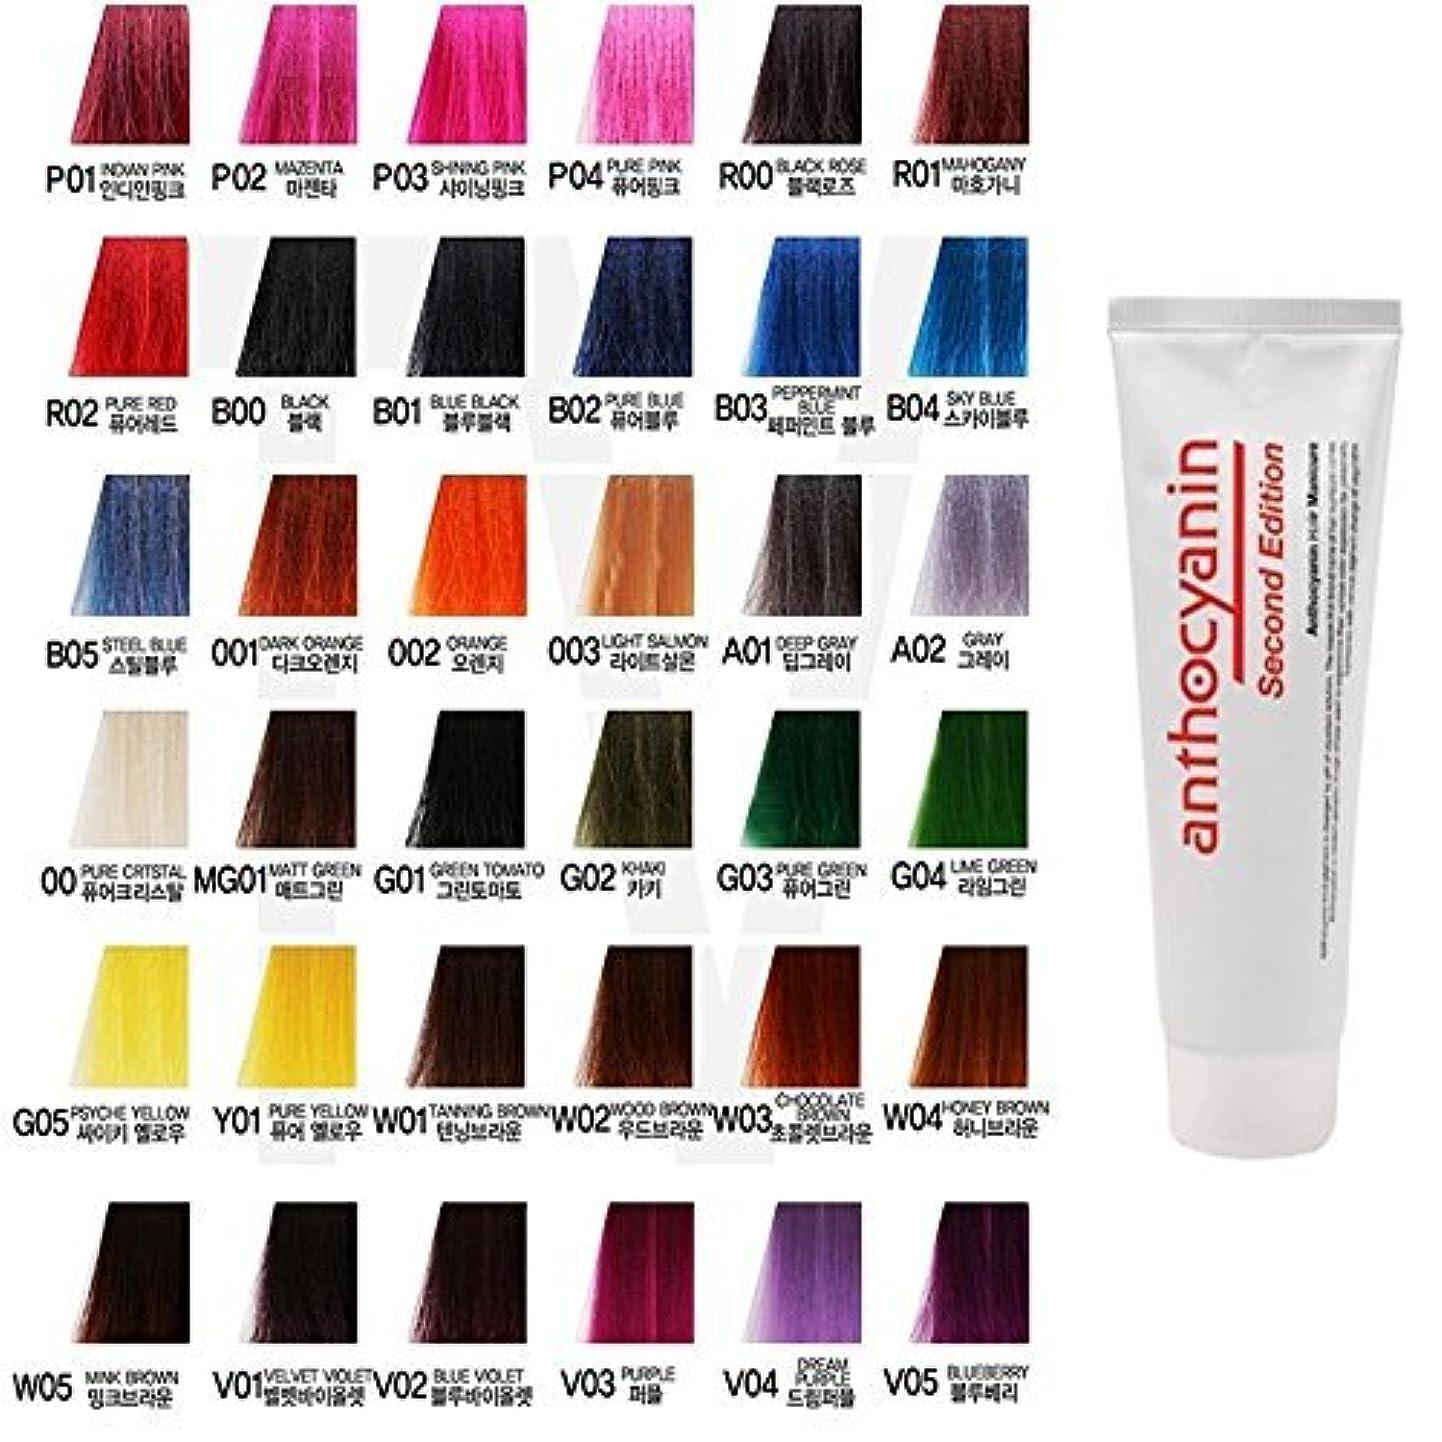 第メーター天のヘア マニキュア カラー セカンド エディション 230g セミ パーマネント 染毛剤 ( Hair Manicure Color Second Edition 230g Semi Permanent Hair Dye) [並行輸入品] (O02 Orange)